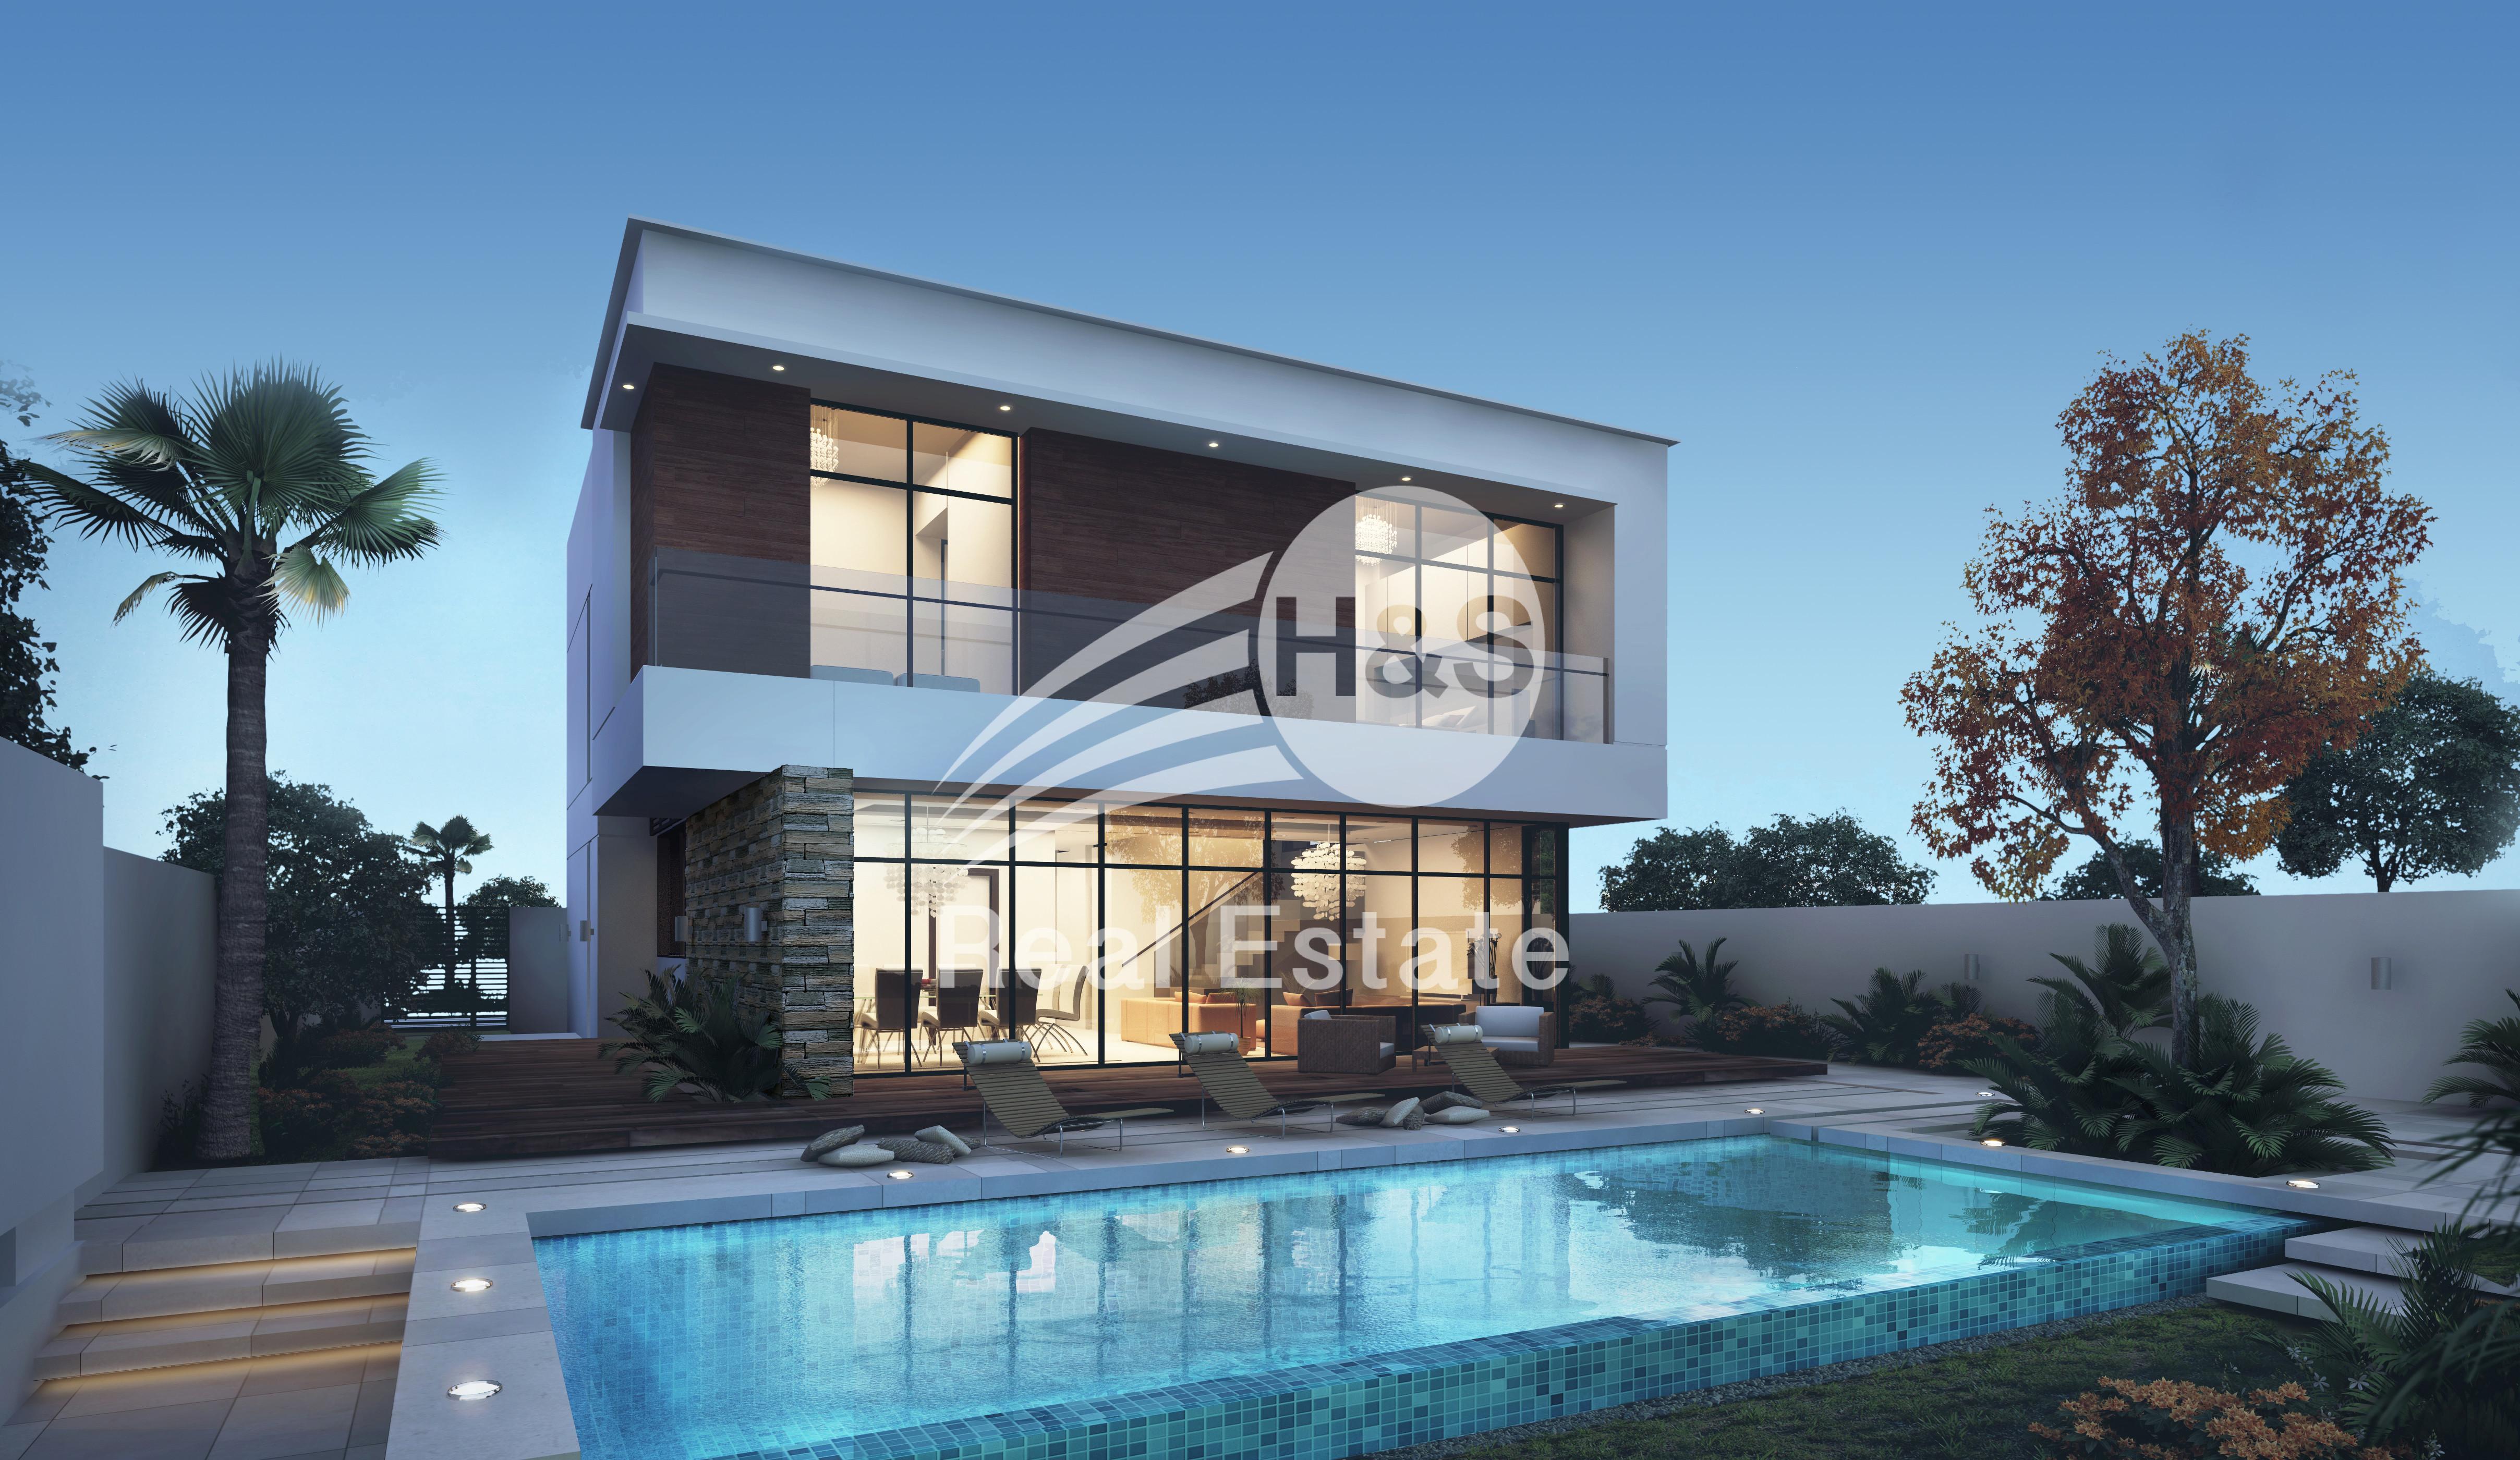 Best Offer I Modern Design Townhouses @ Pelham